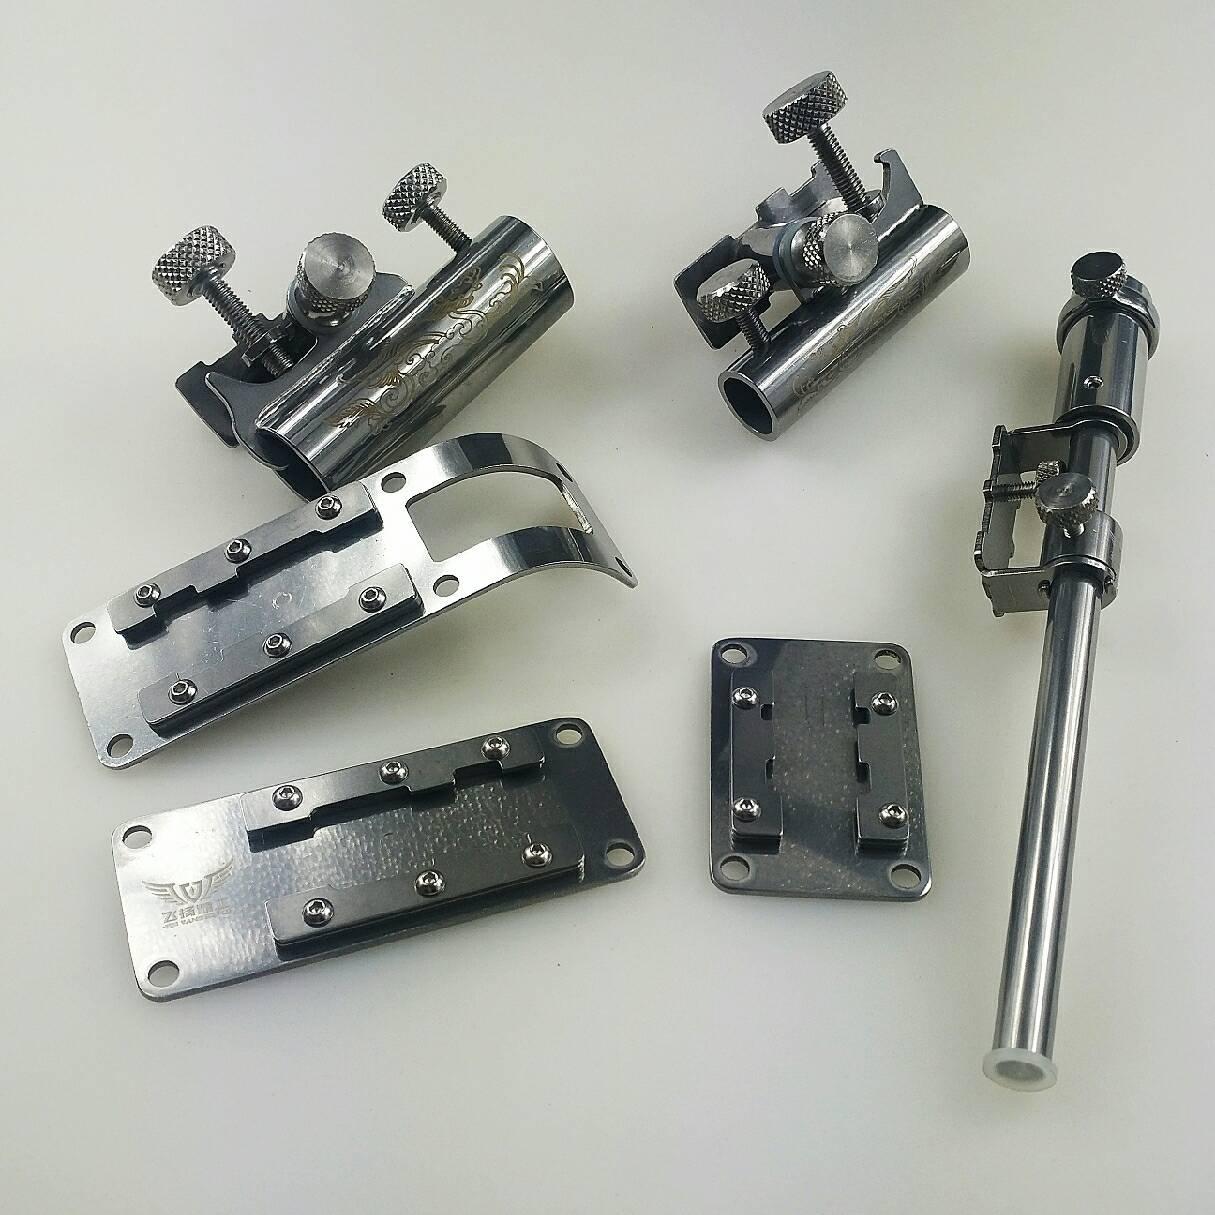 飞扬精工加厚不锈钢可拆卸款三件套钓箱配件p7-c圆角其它垂钓用品